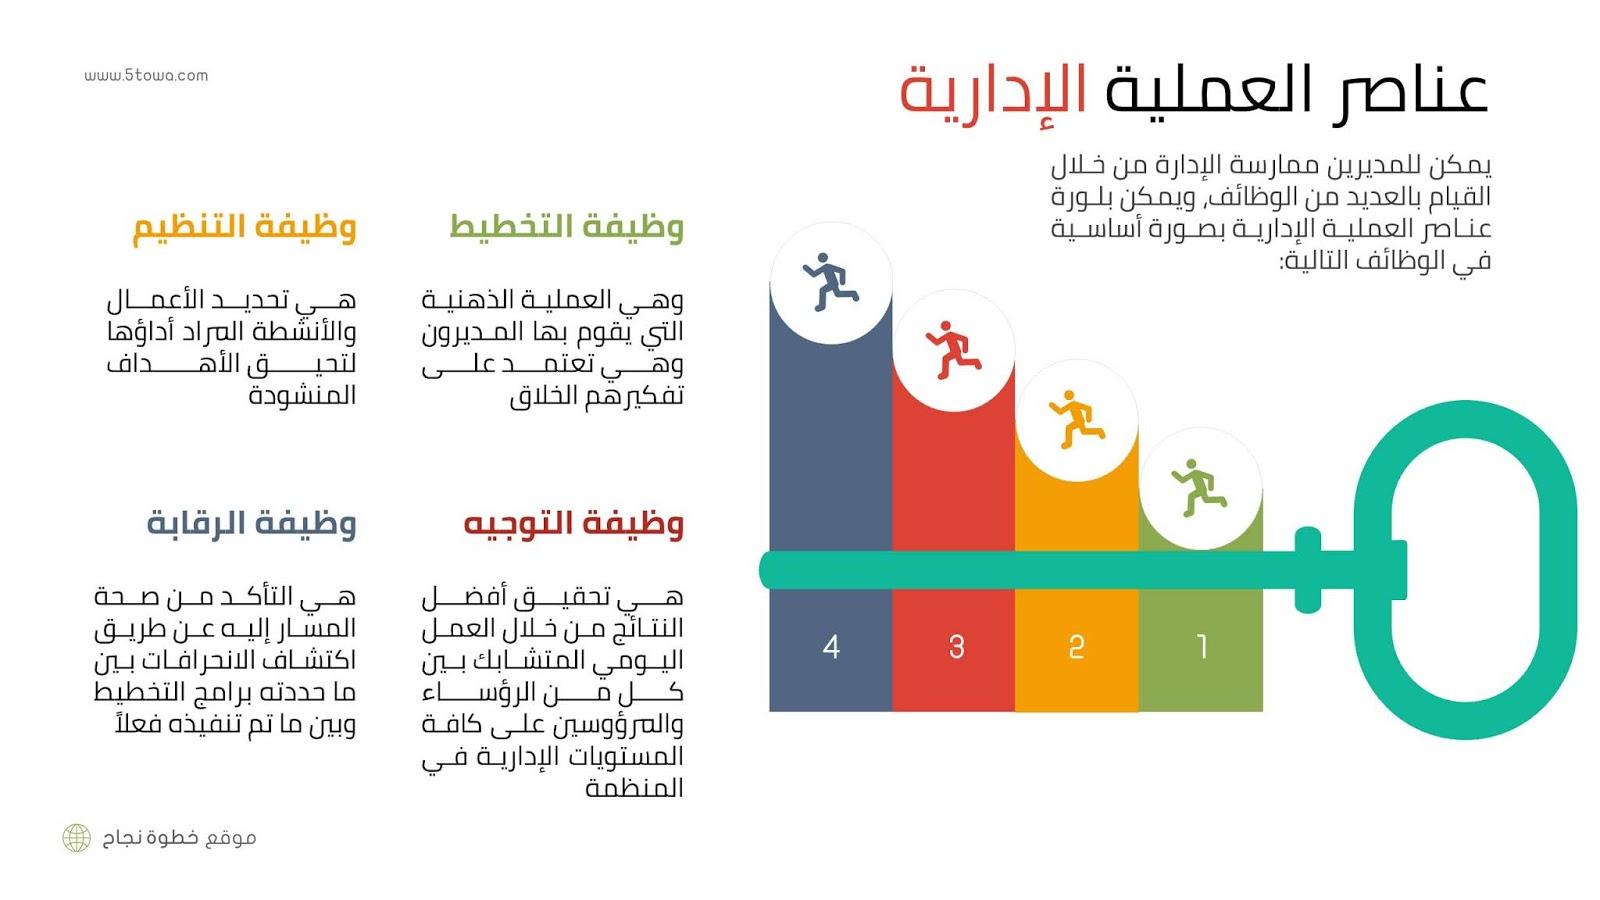 أهم المفاهيم الإدارية - عناصر العملية الإدارية